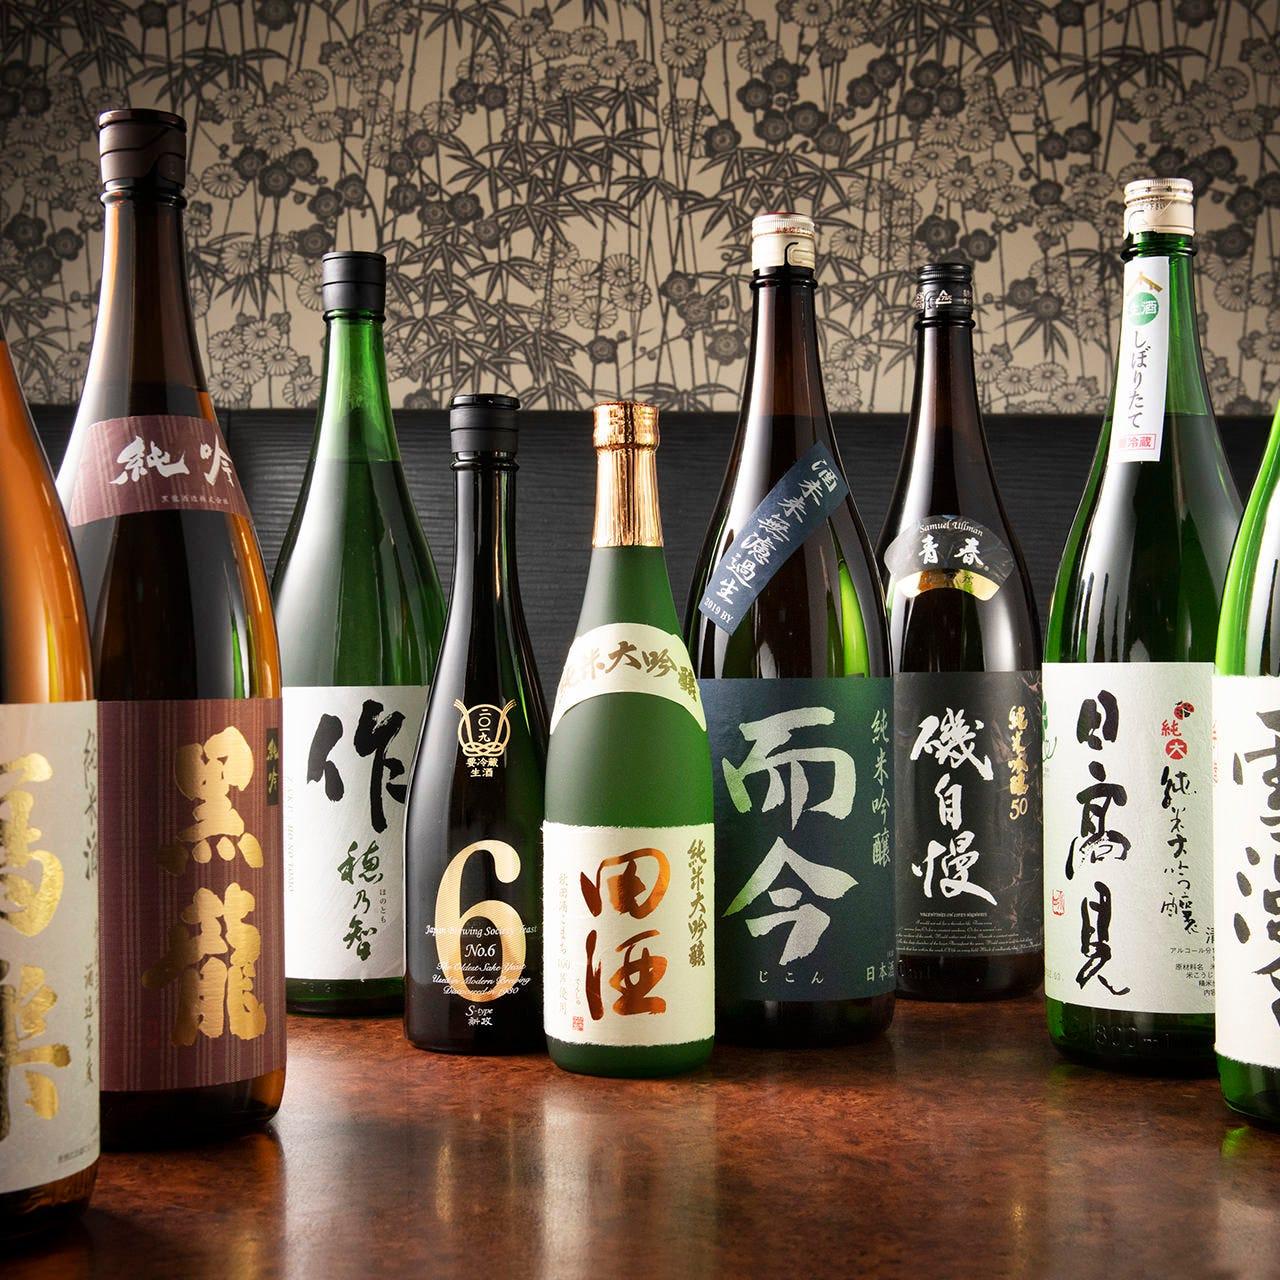 日本酒はこだわりの20種類以上を厳選!個性派も勢揃いです